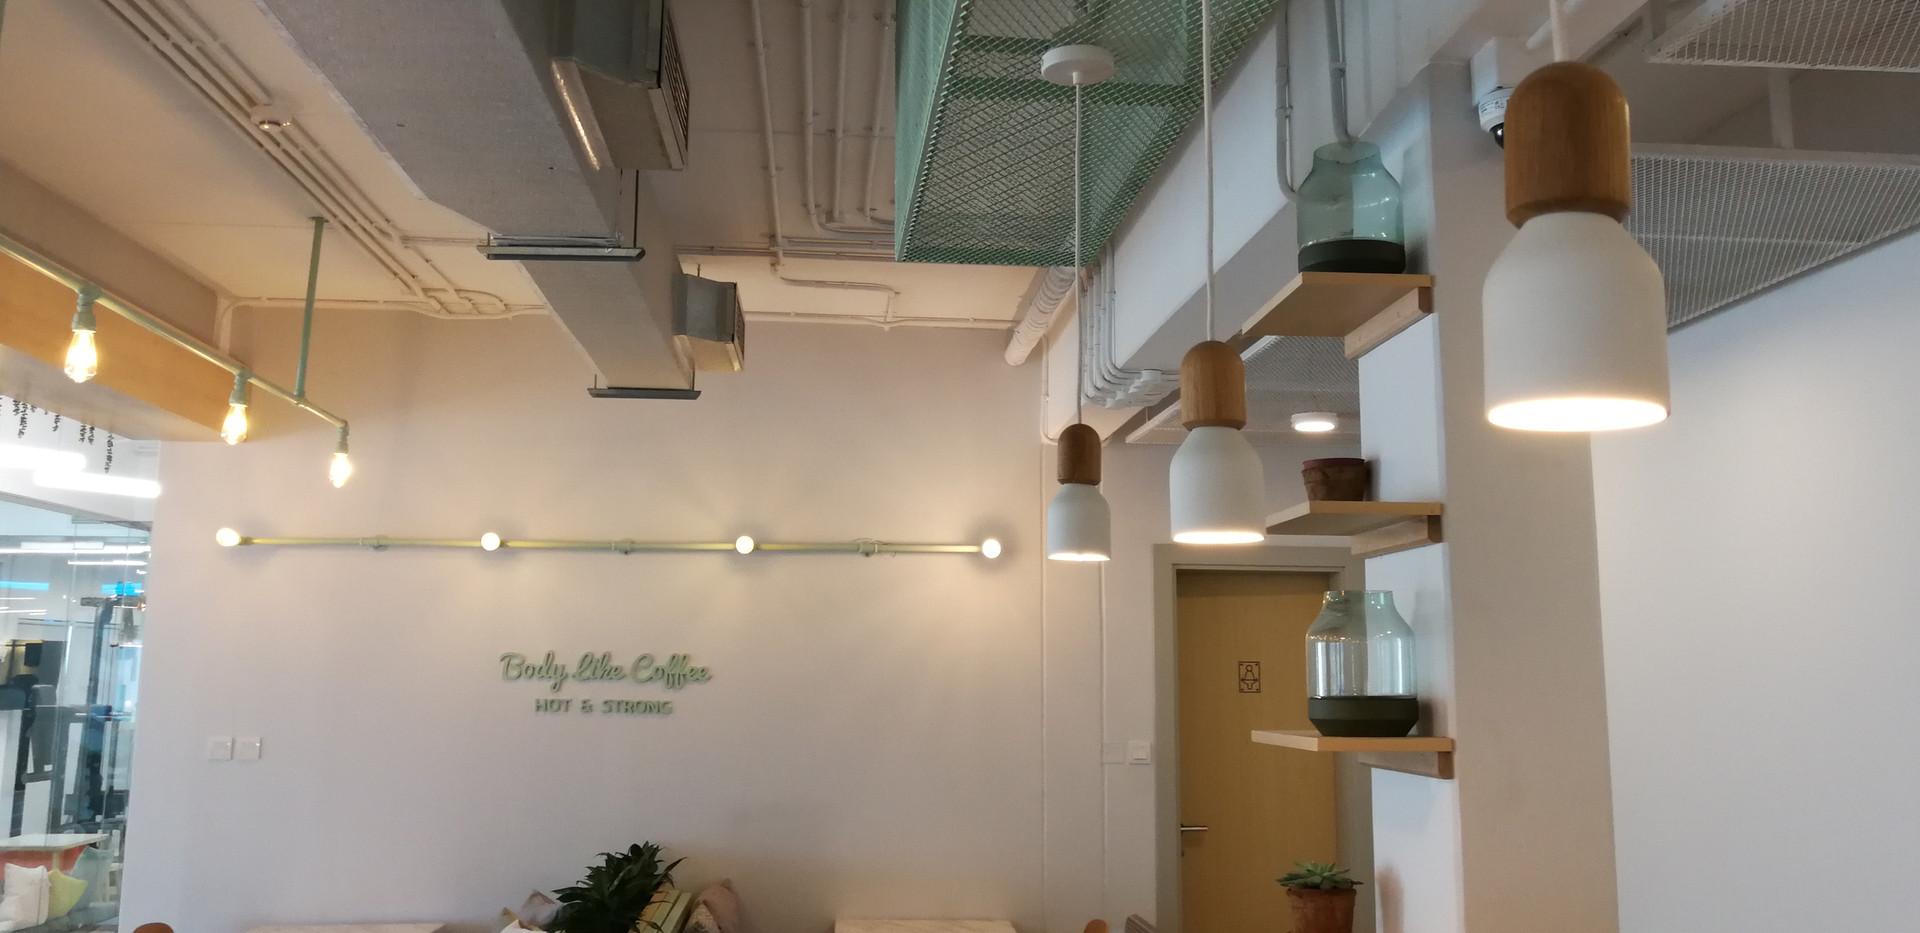 W. CAFE